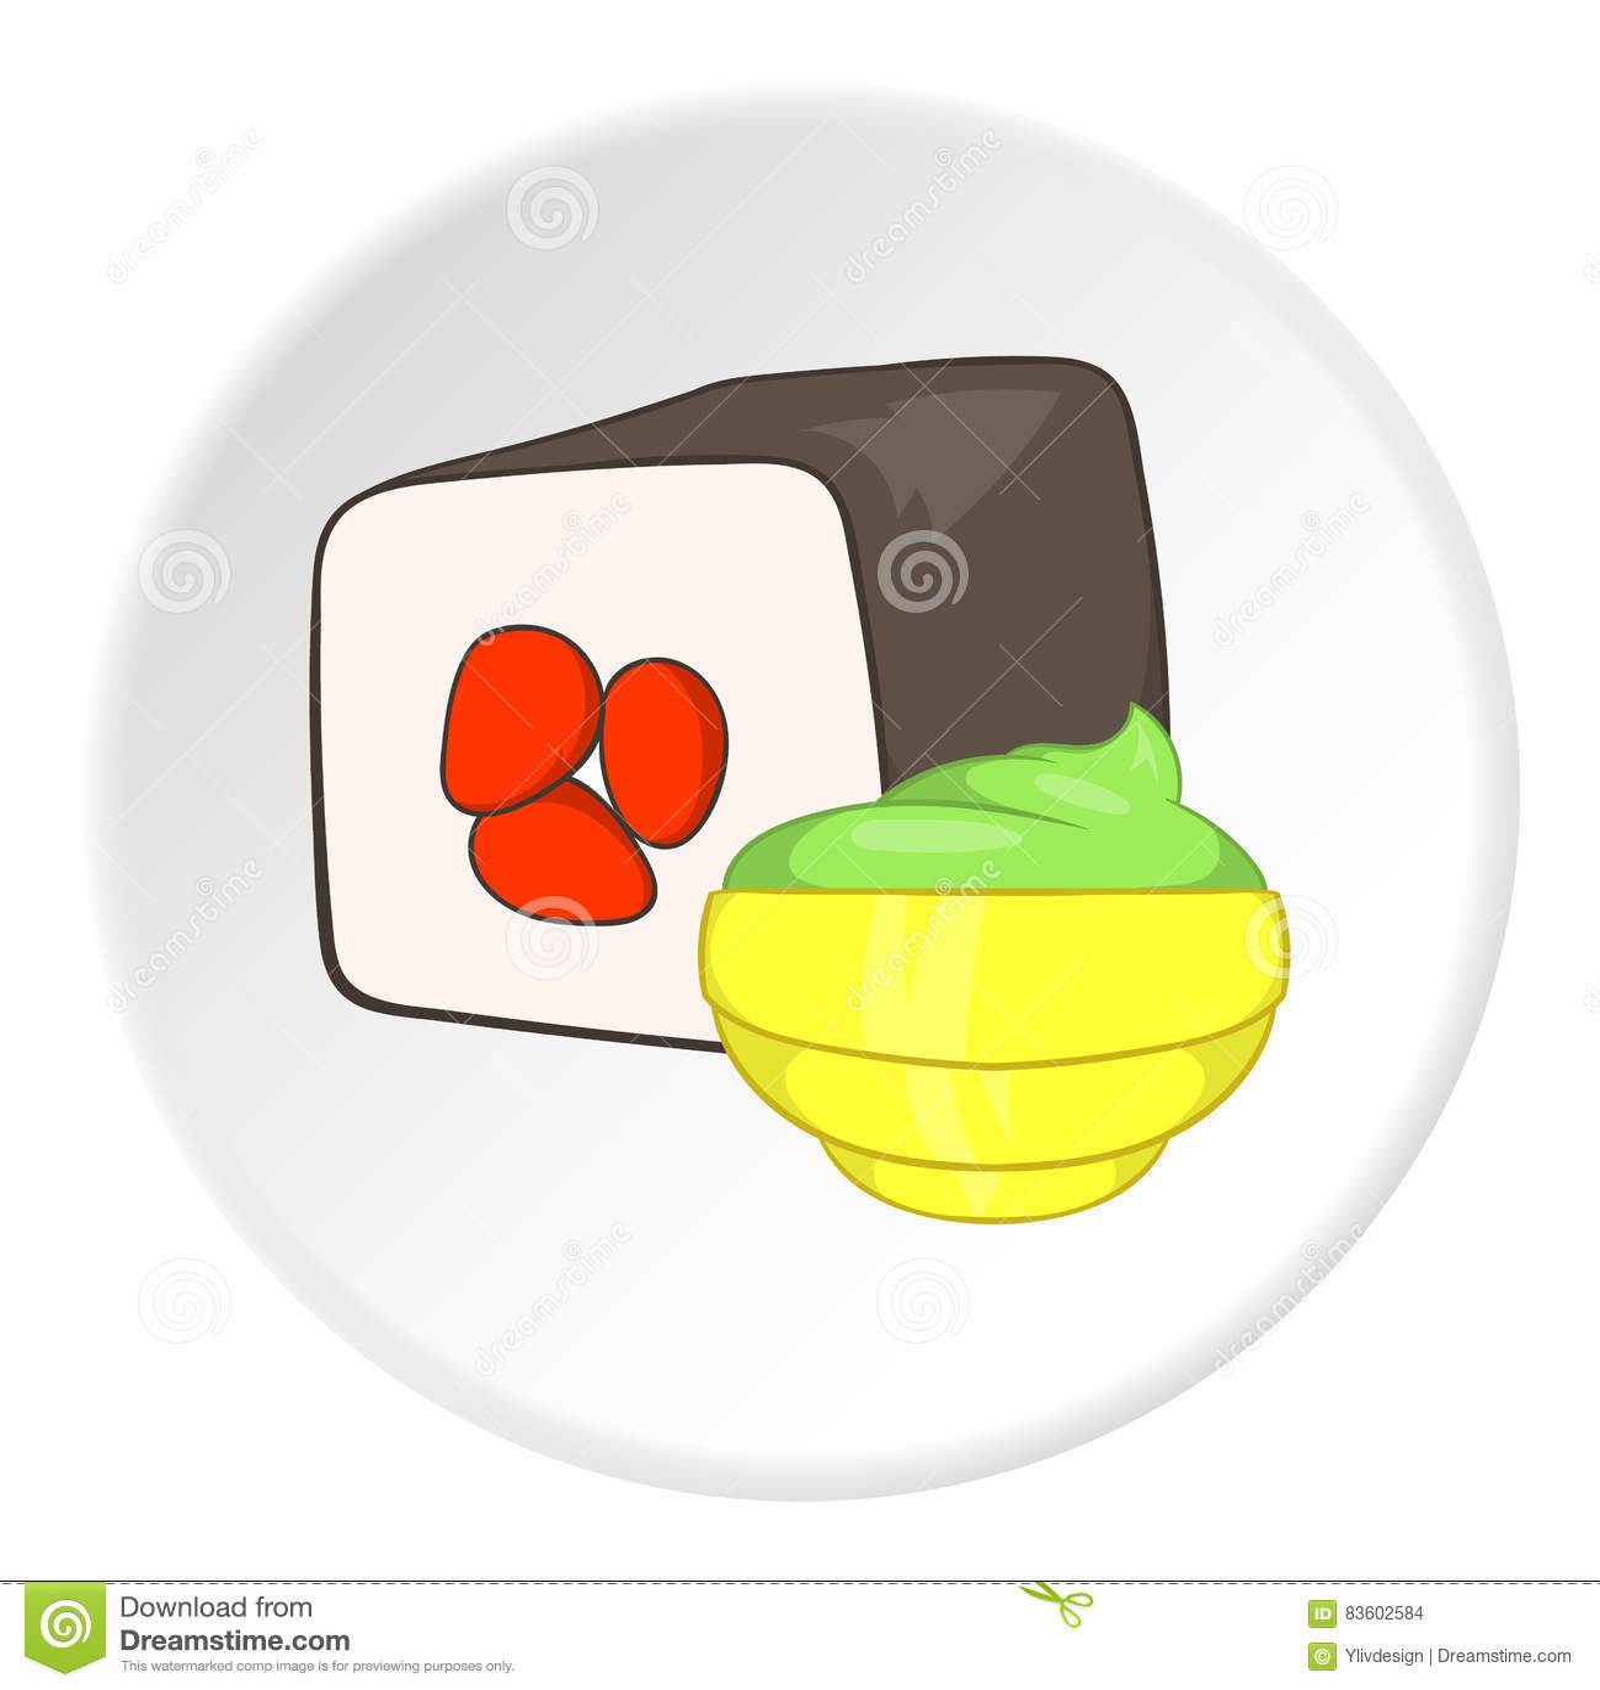 Sushi icon, cartoon style